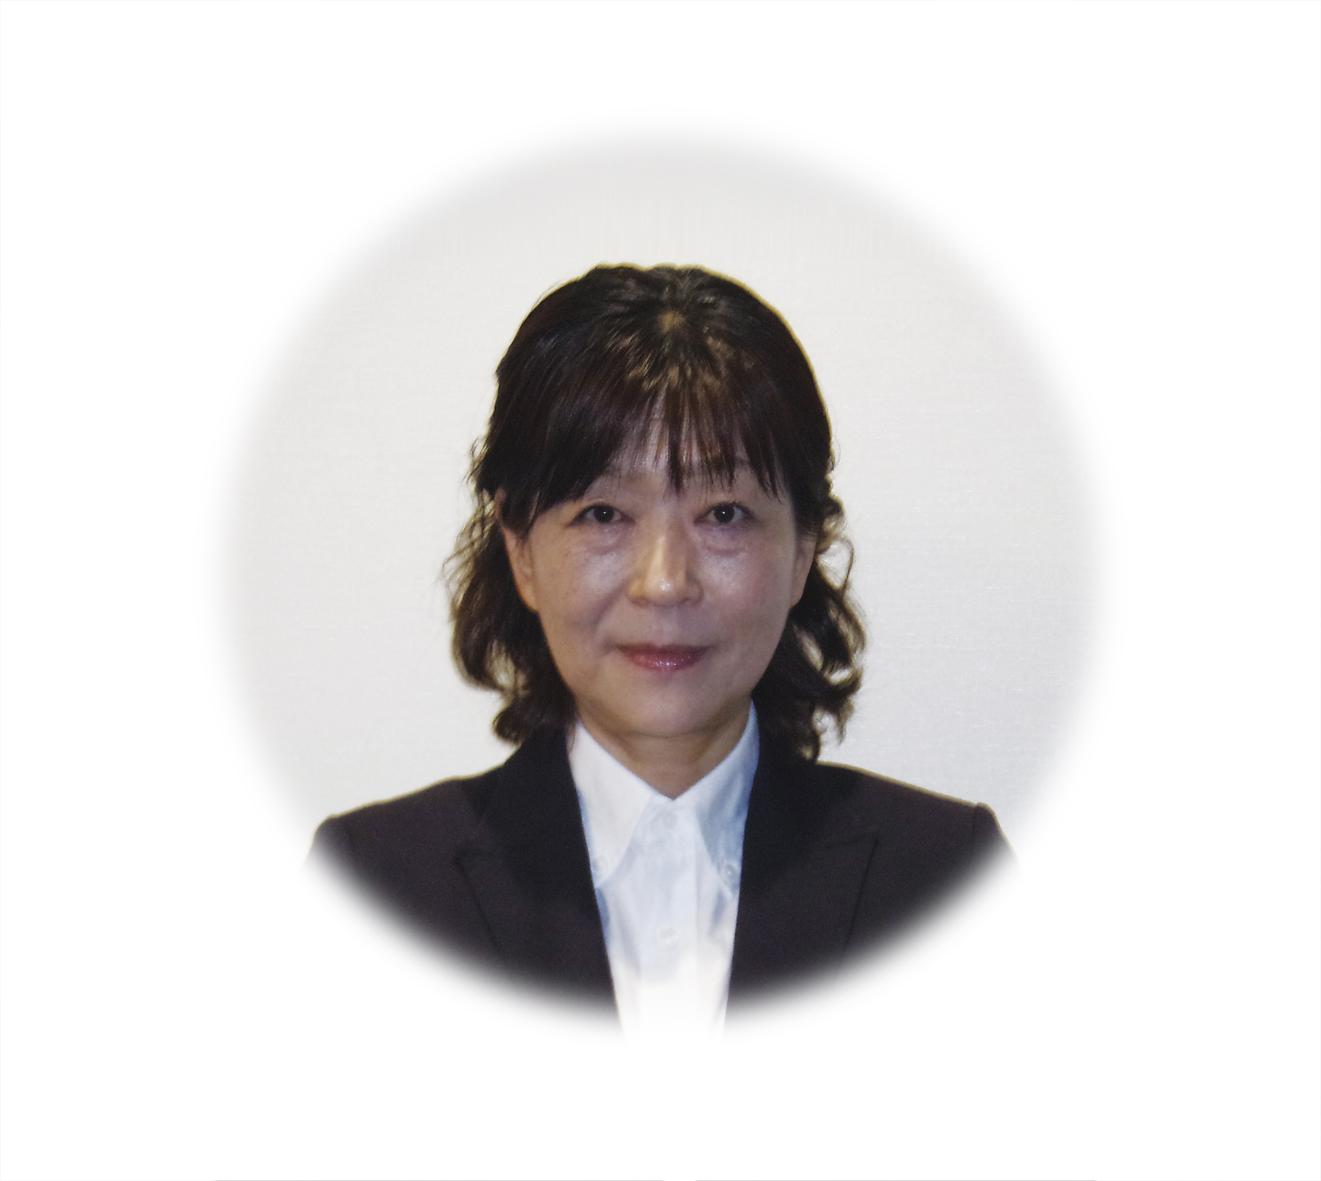 徳丸_古川支配人_2019.08